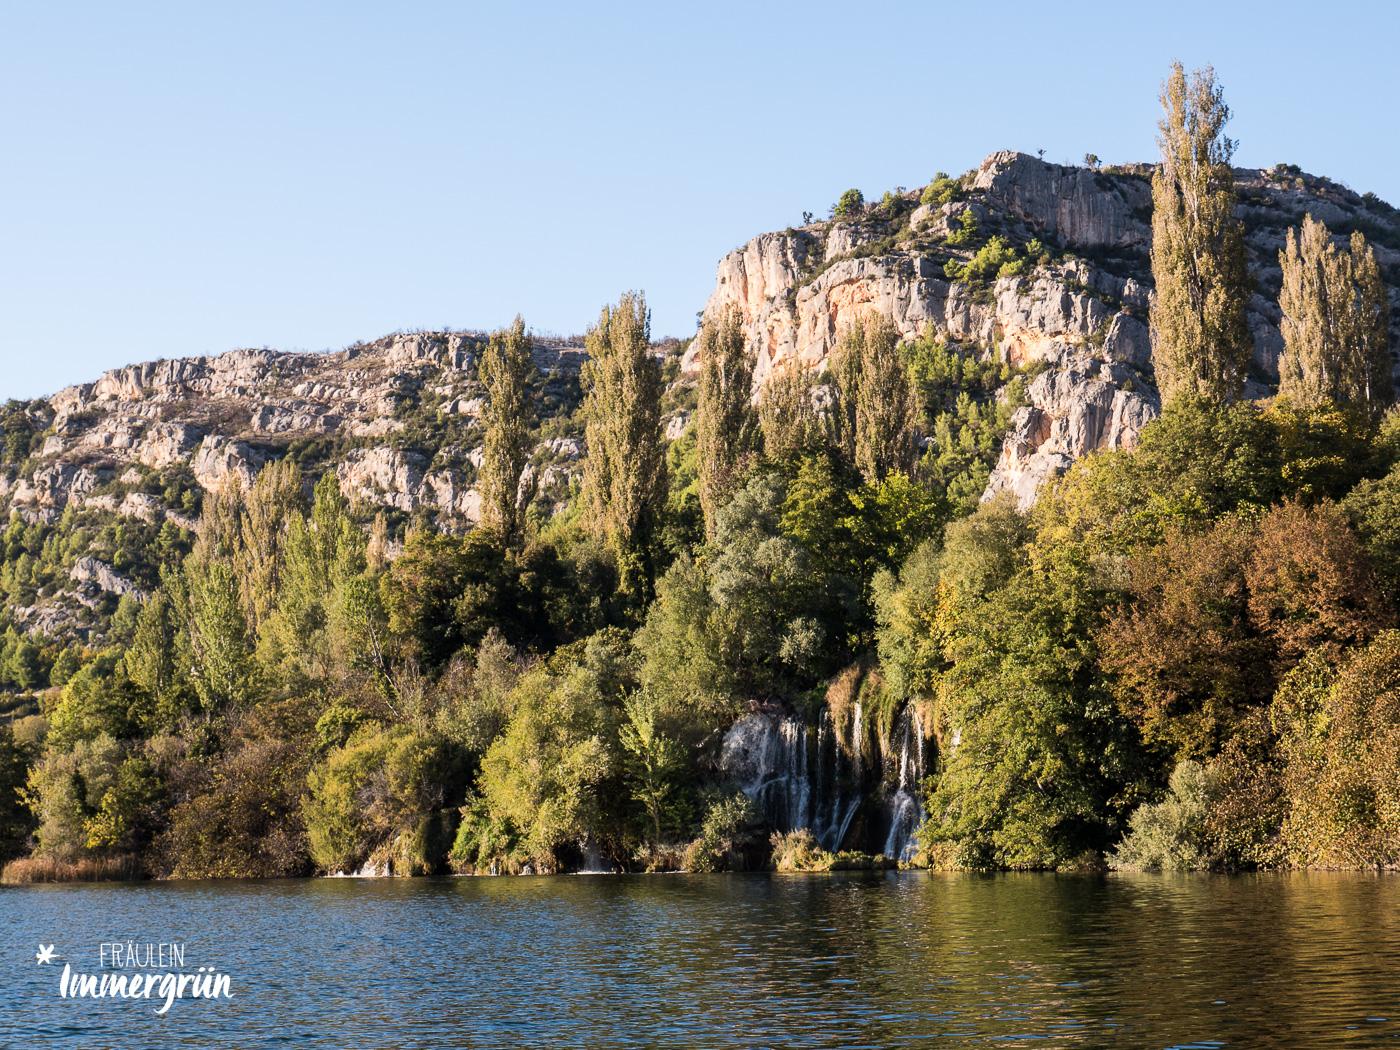 Dalmatien in Kroatien: Urlaub an der dalmatinischen Küste in der Nebensaison – Nationalpark Krka Roški slap